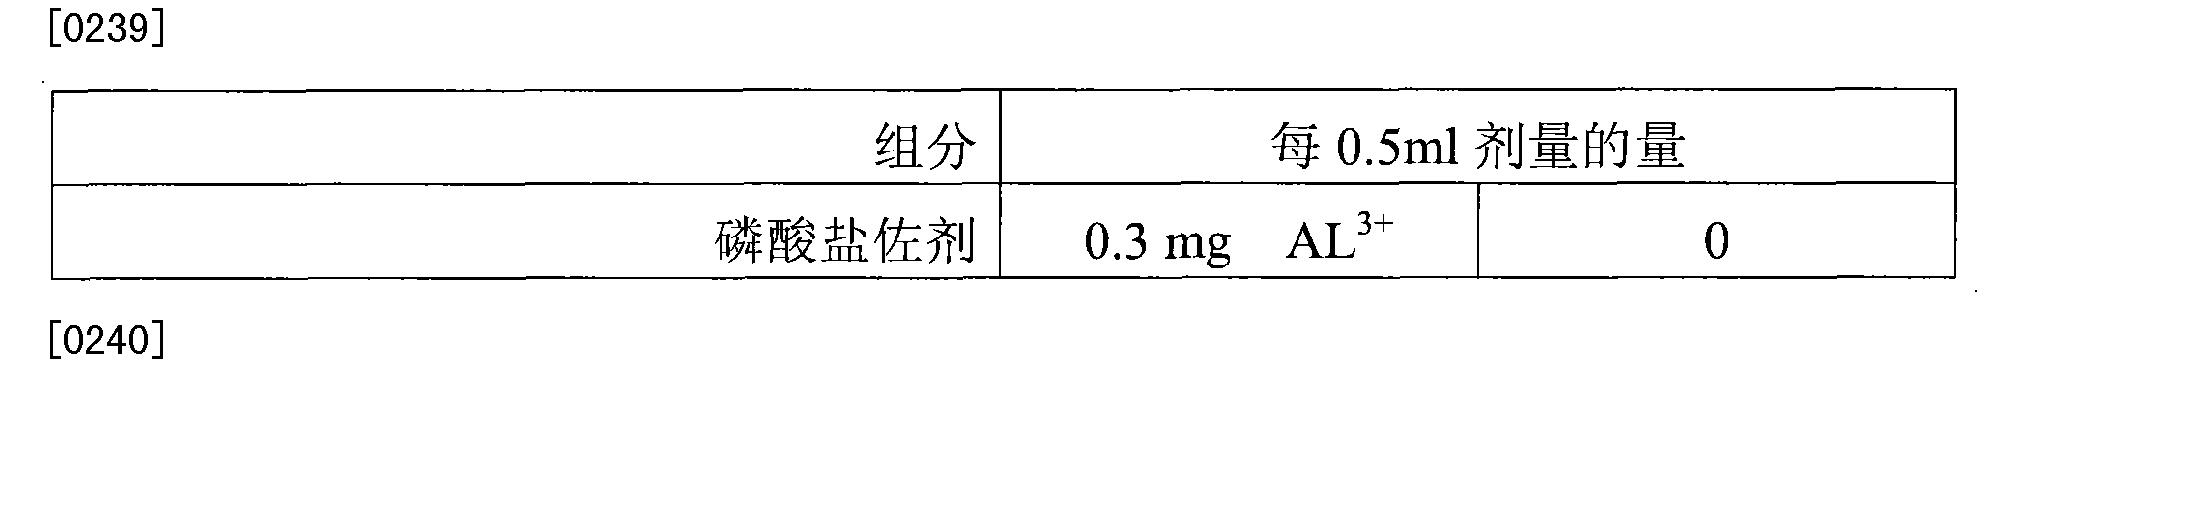 Figure CN102302776BD00262